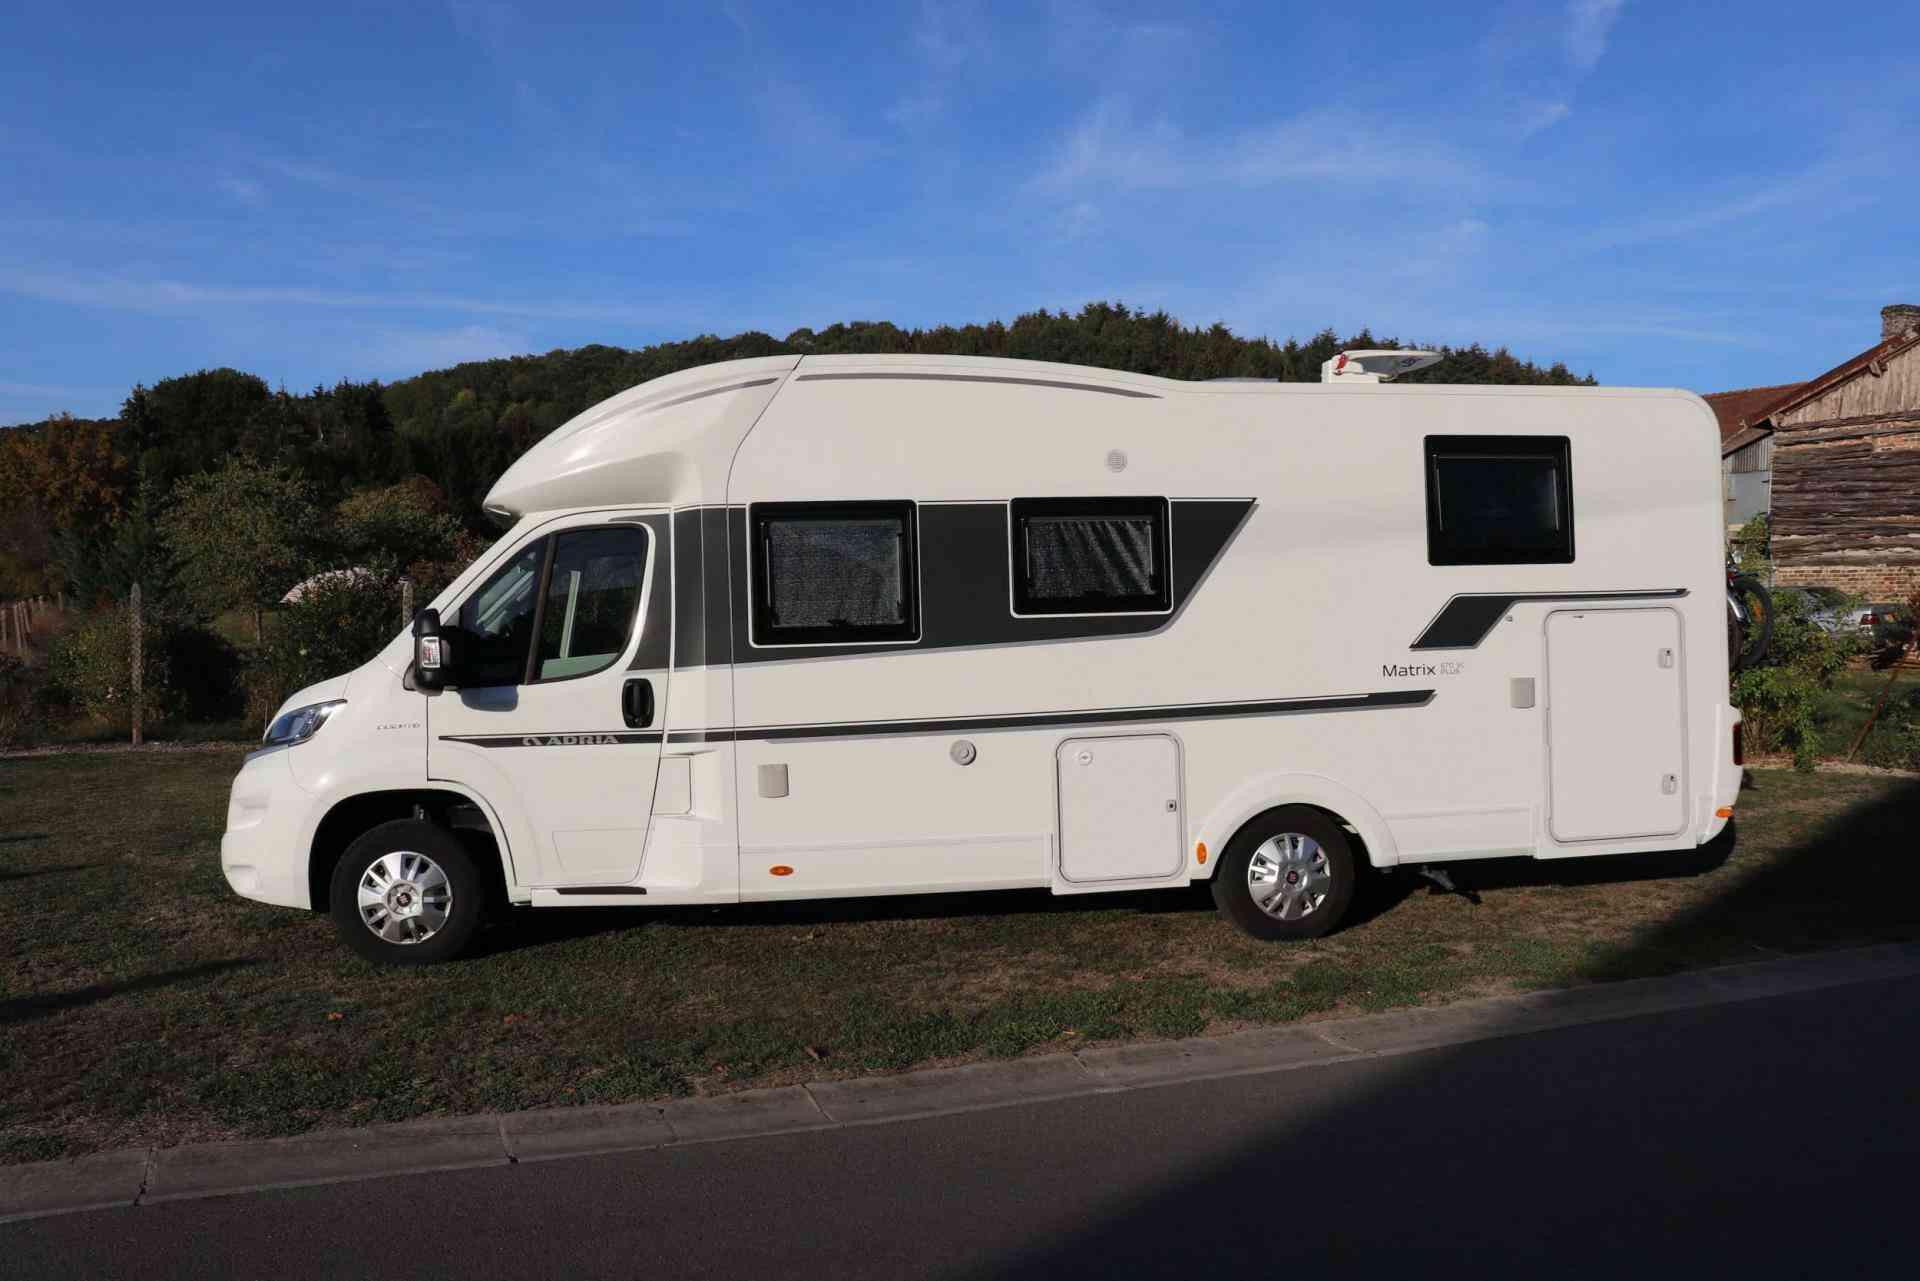 camping-car ADRIA MATRIX 670 SC PLUS